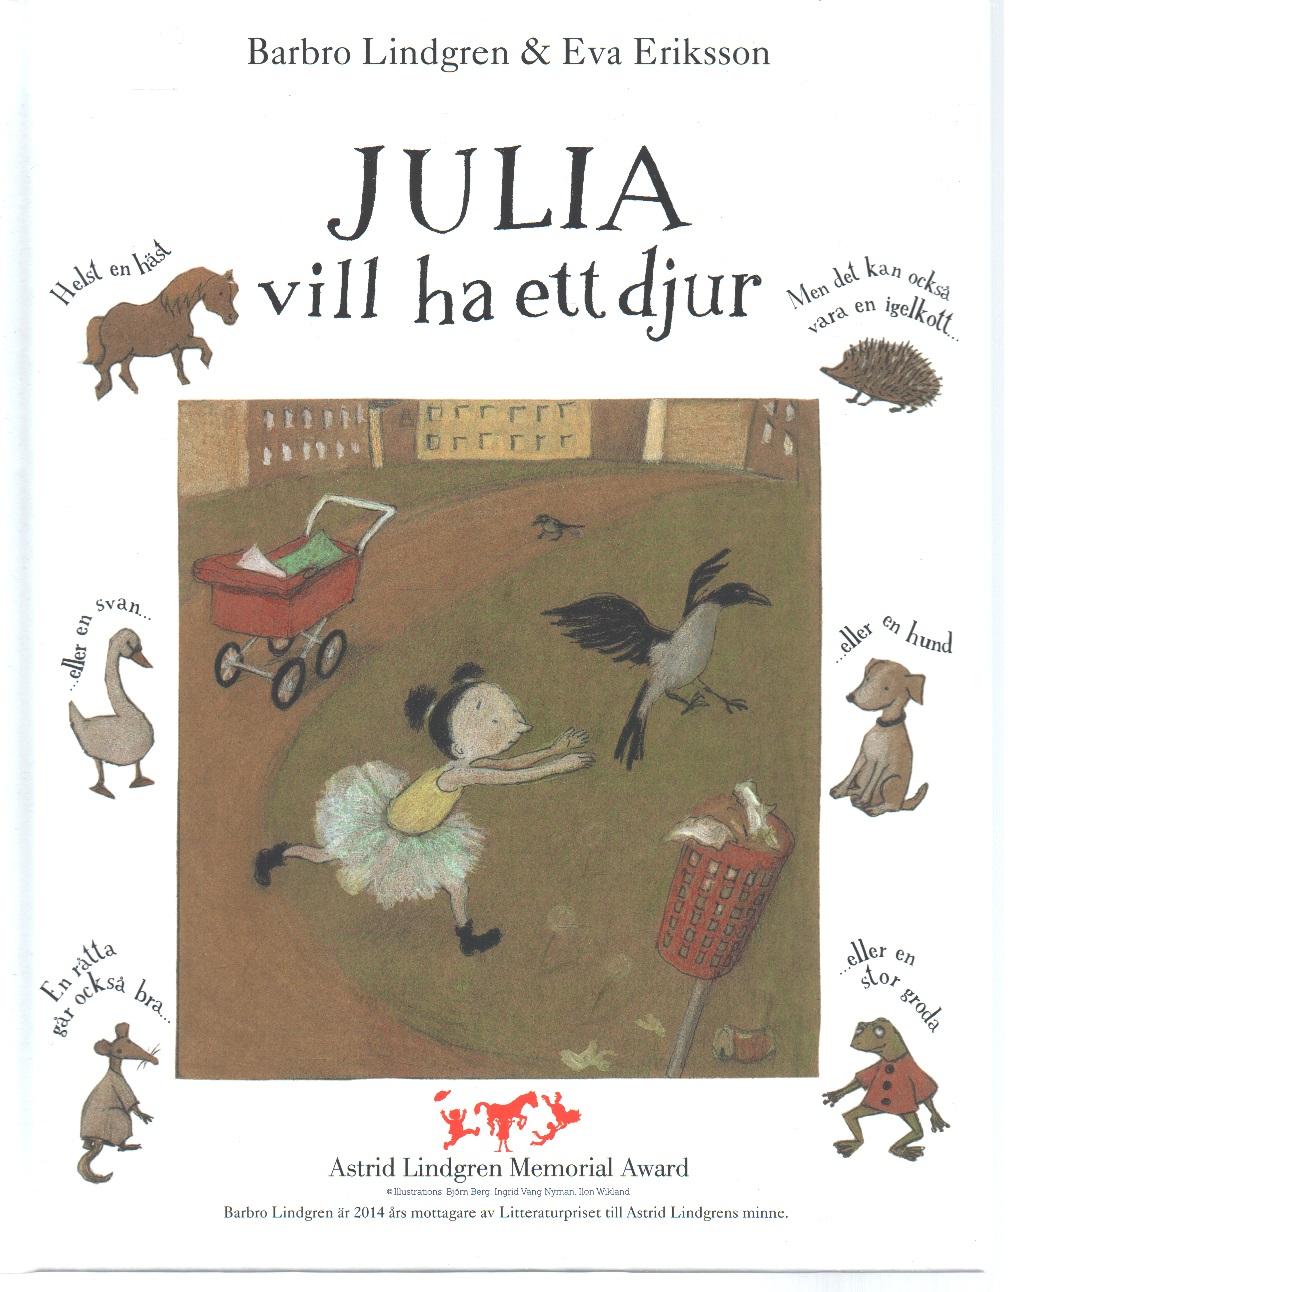 Julia vill ha ett djur - Lindgren, Barbro